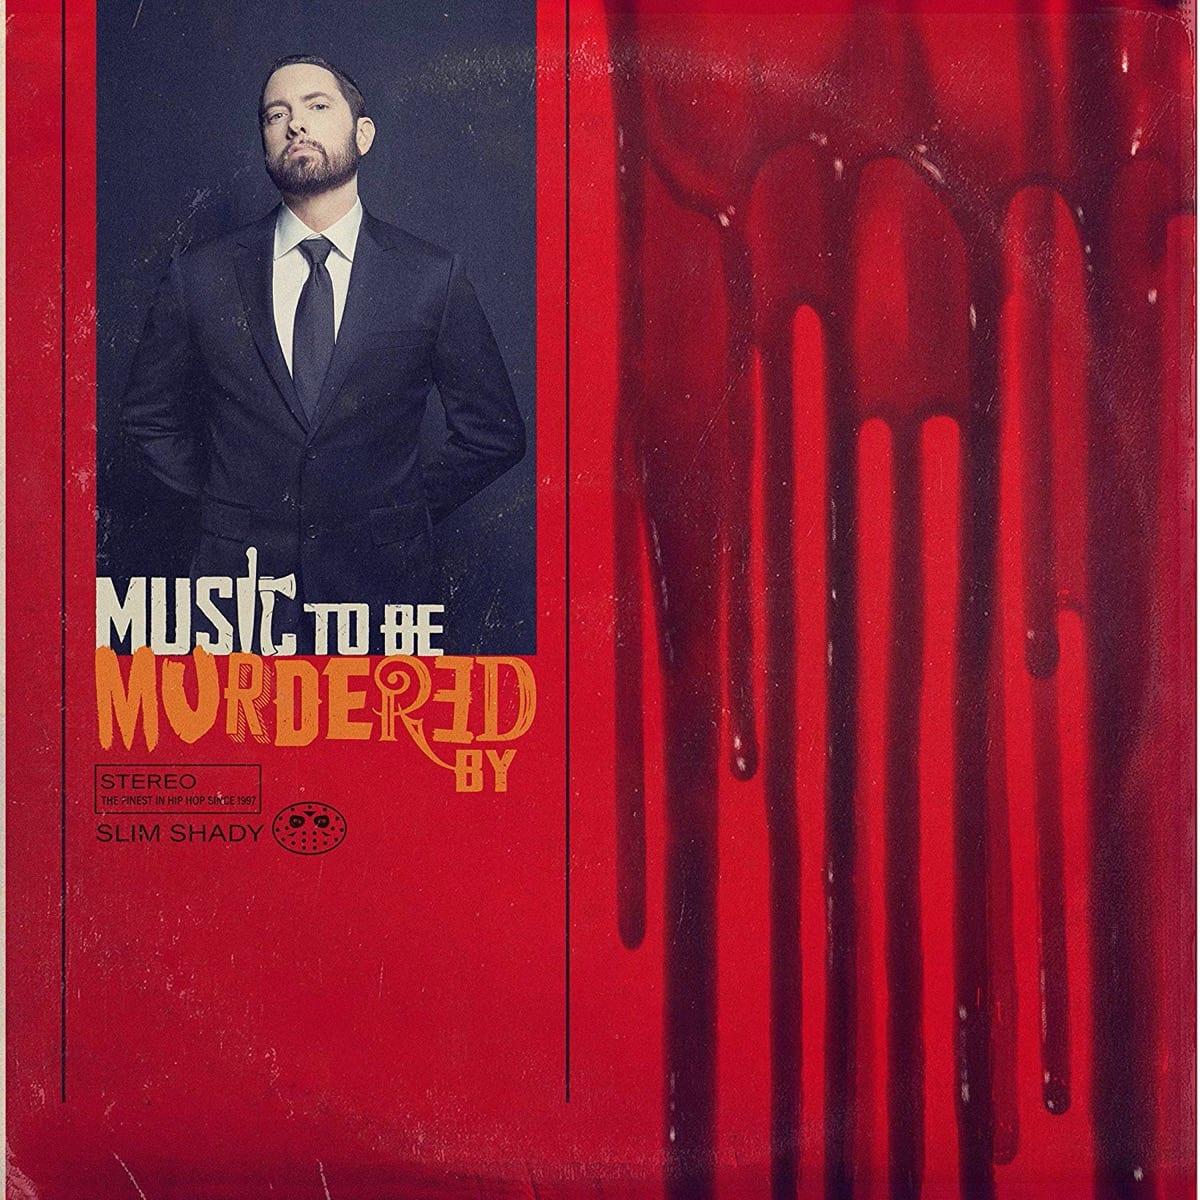 エミネムと銃乱射犯を分かつもの 『Music To Be Murdered By』レビュー